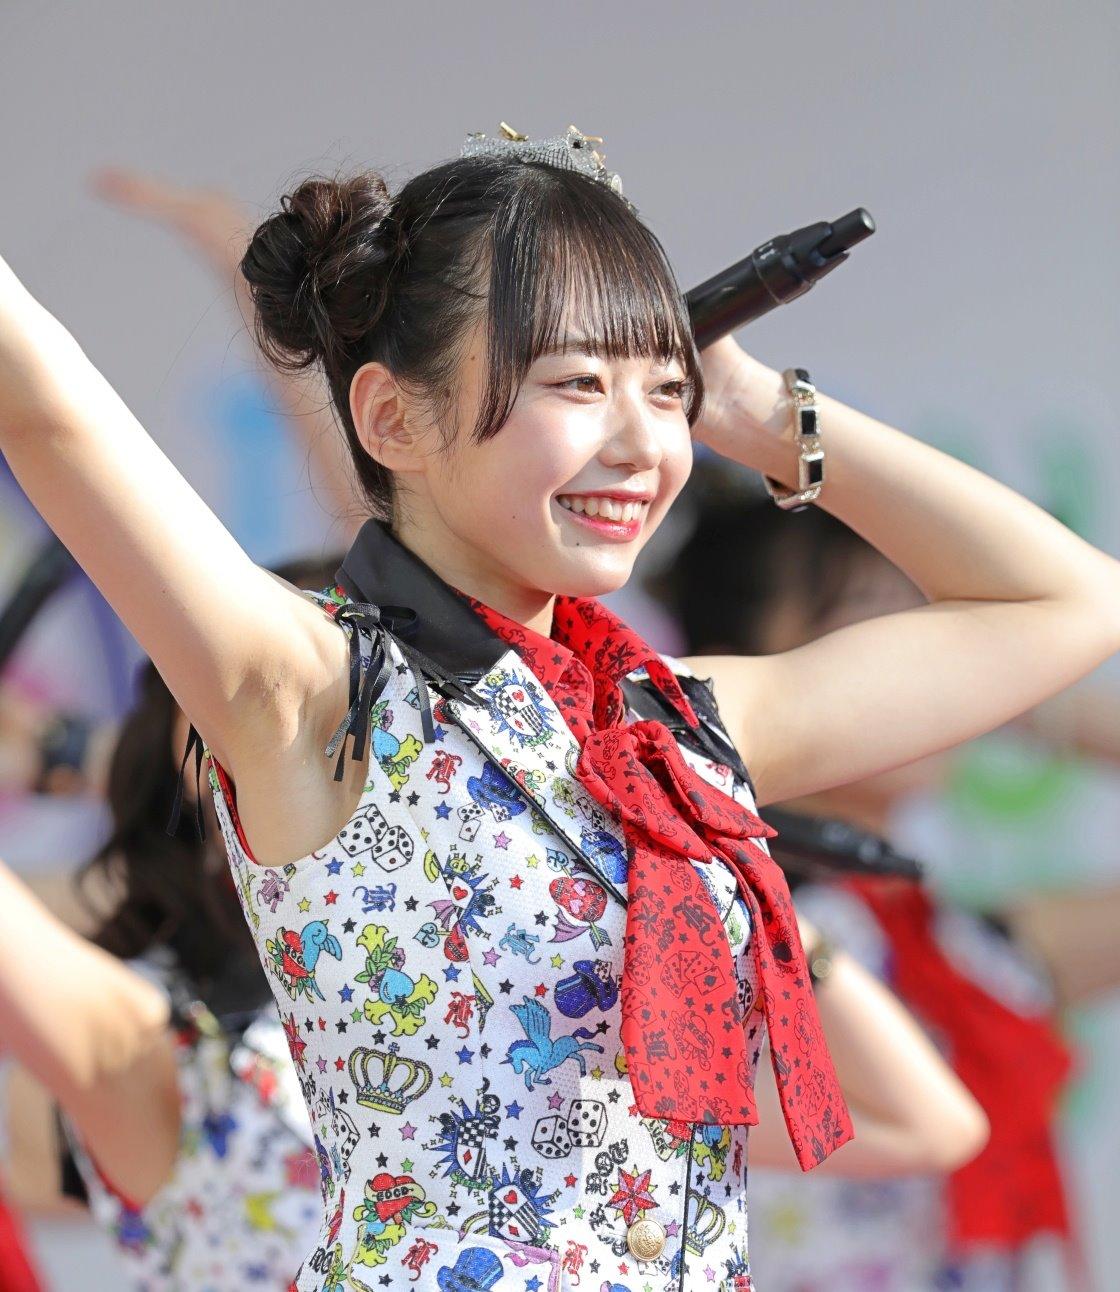 AKB48フレッシュ選抜メンバーの腋見せライブ (4)